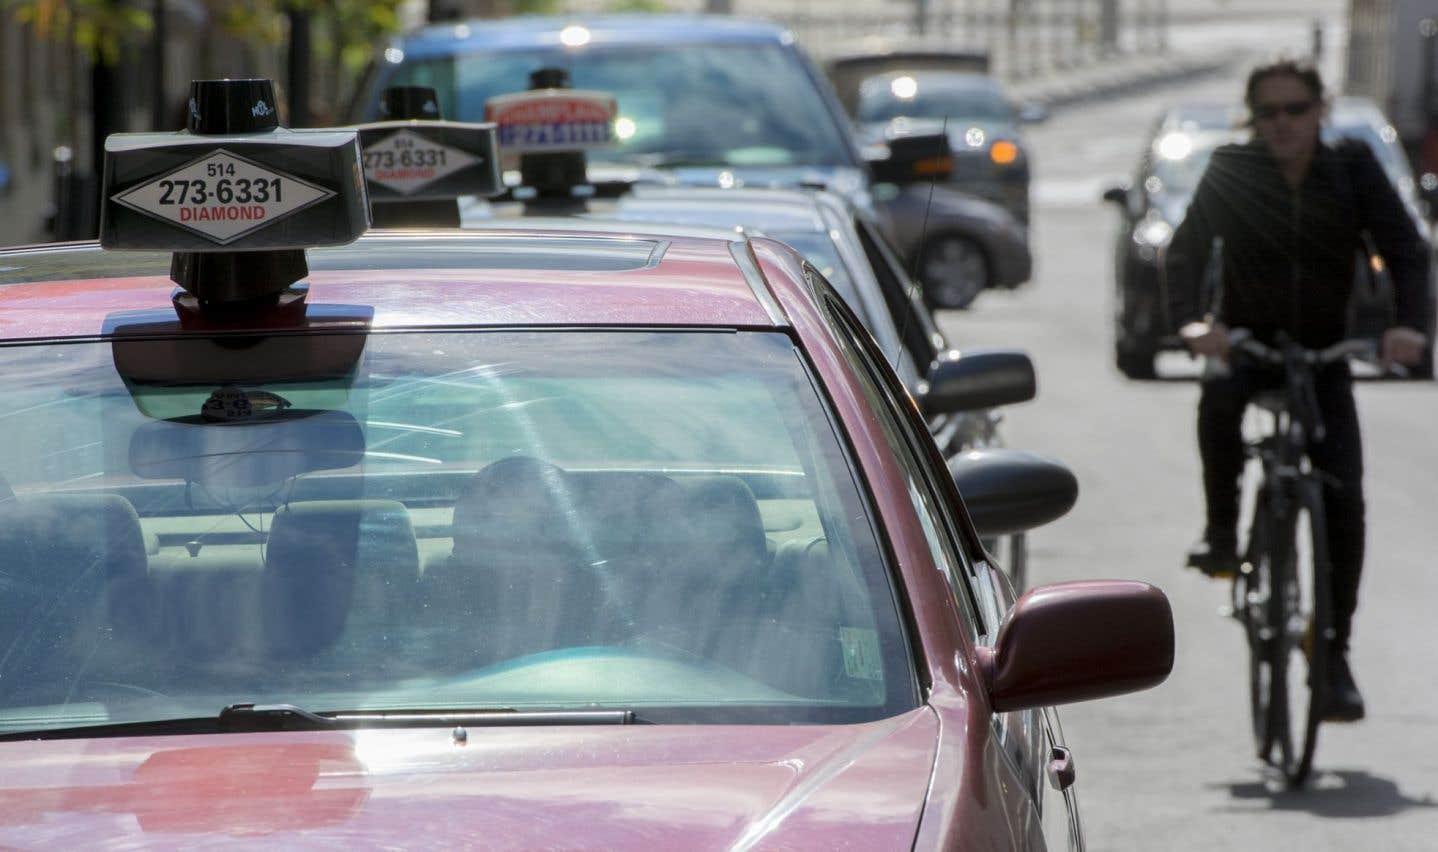 L'industrie du taxi cherche à s'ajuster à l'arrivée d'UberX